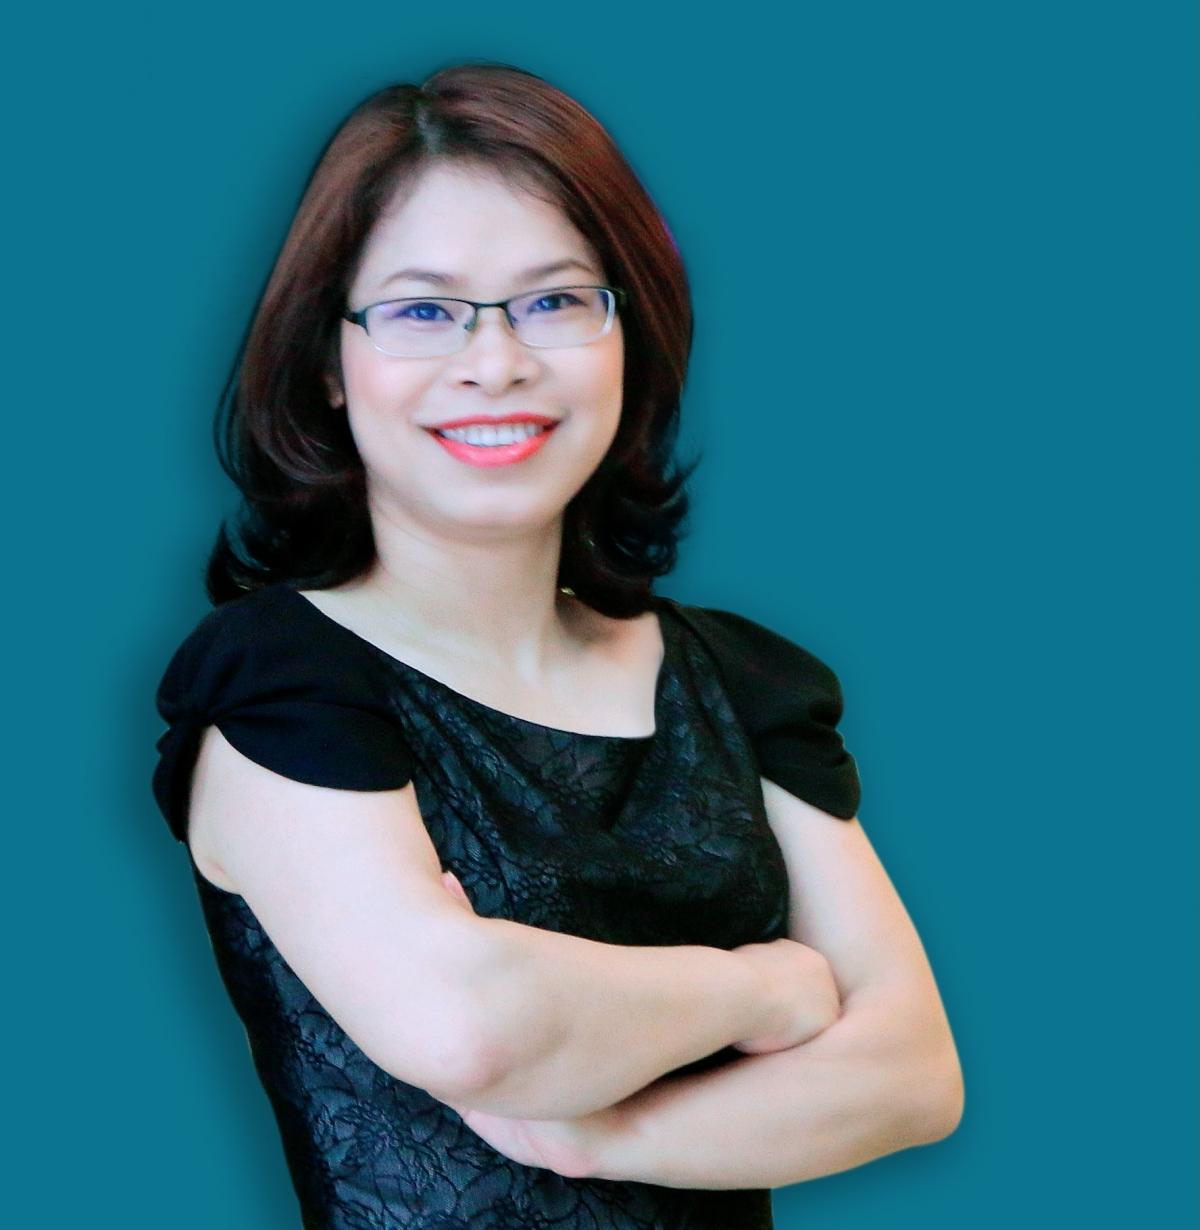 Chuyên gia tâm lý Trần Kim Thành.